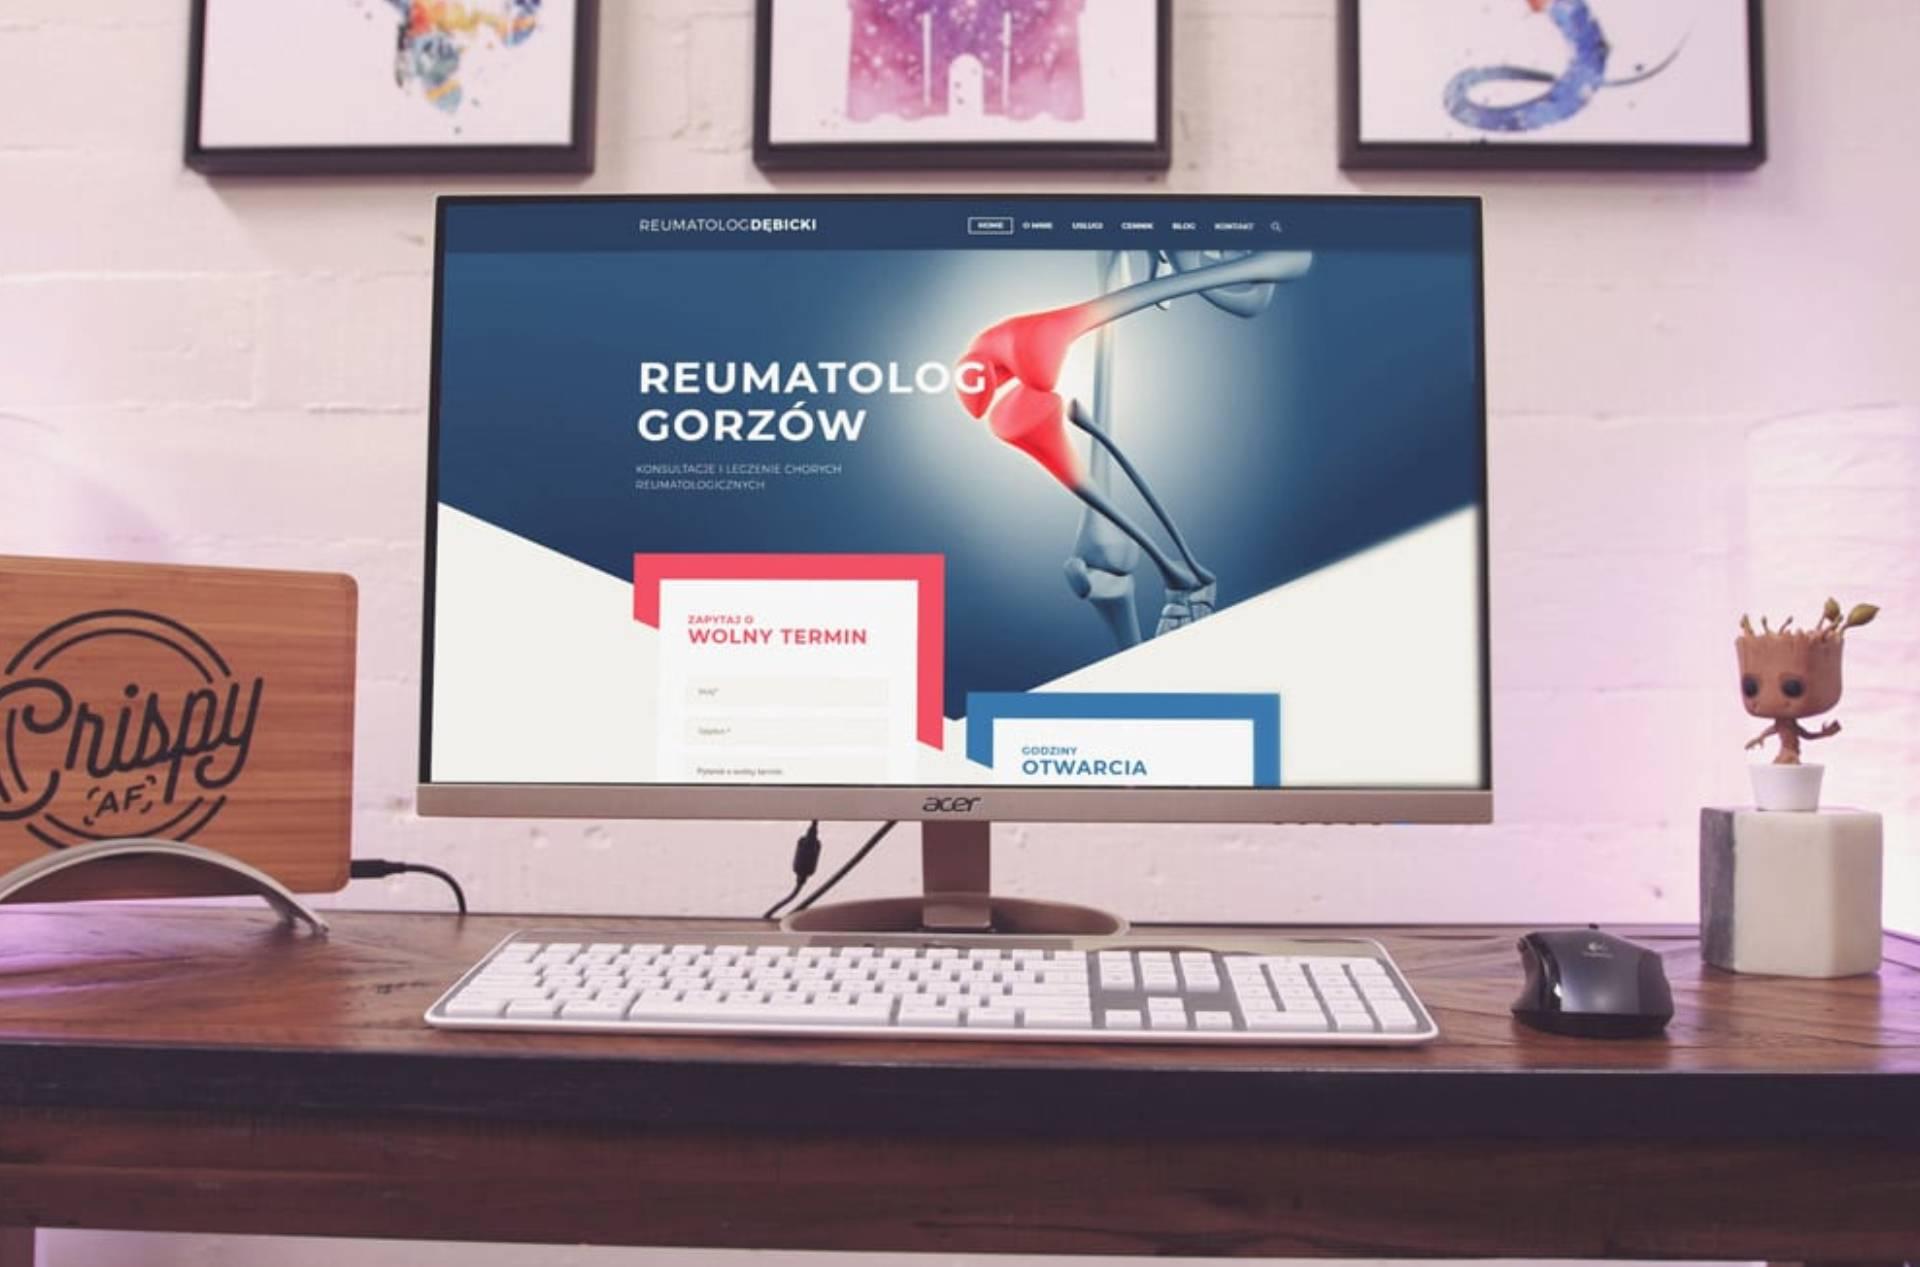 Roan24 Rhumatologue Debicki.pl Site web